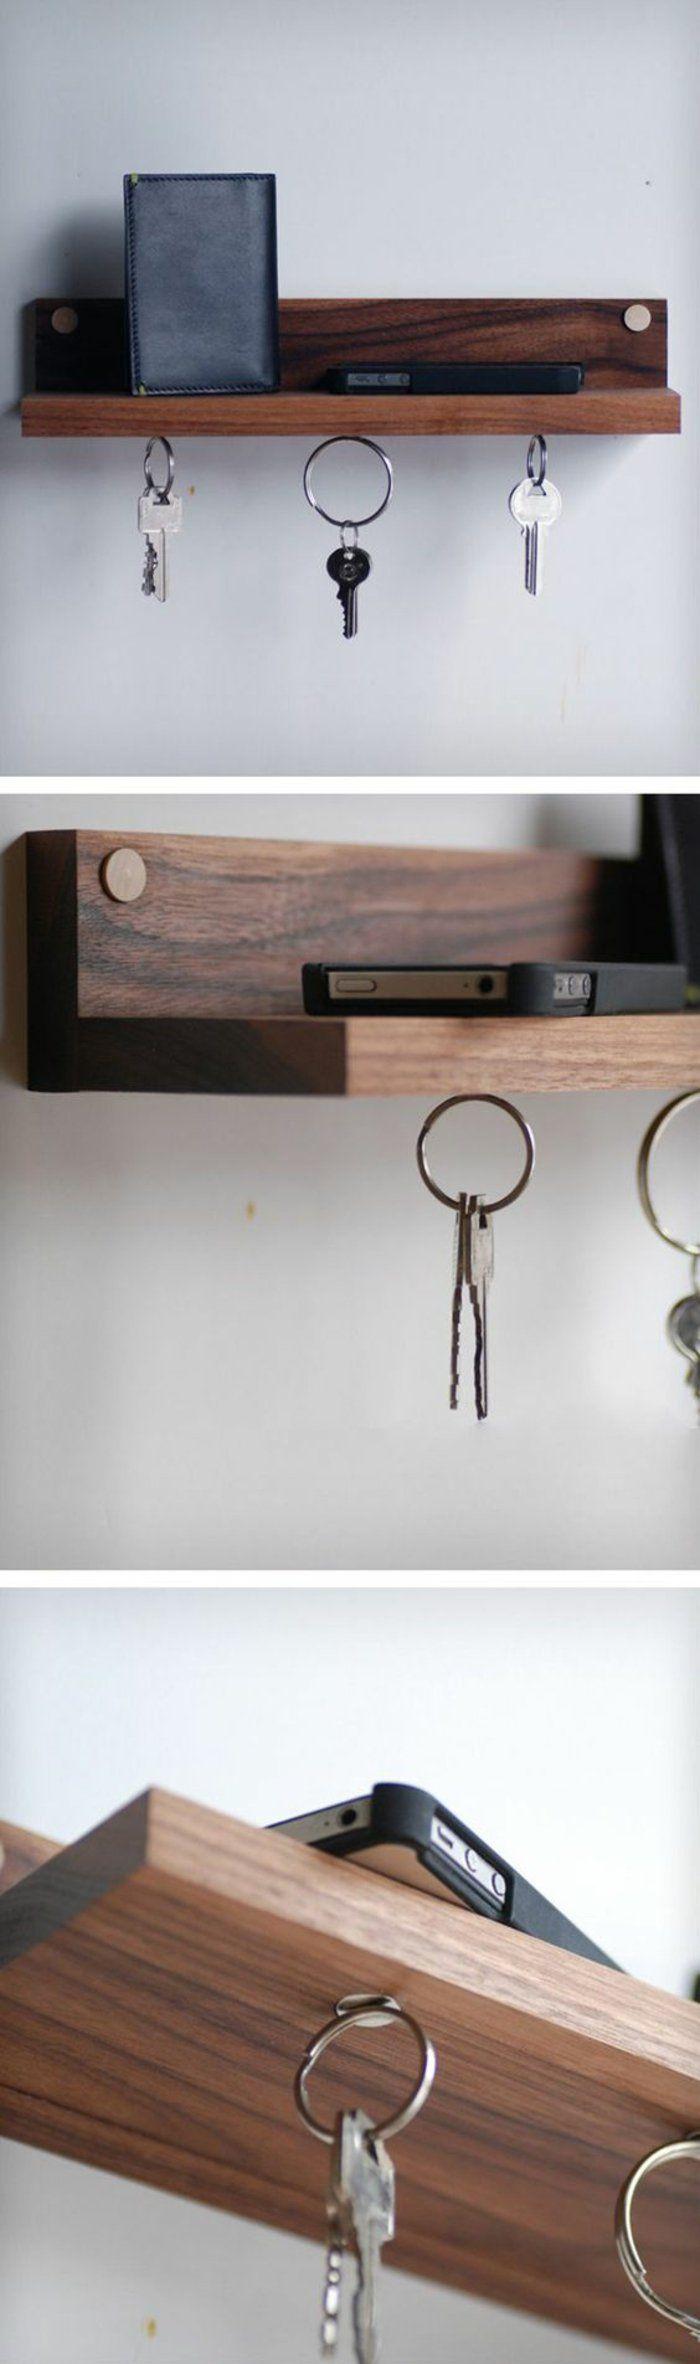 die besten 17 ideen zu schl ssel auf pinterest skelett schl ssel schl sselhandwerk und alte. Black Bedroom Furniture Sets. Home Design Ideas